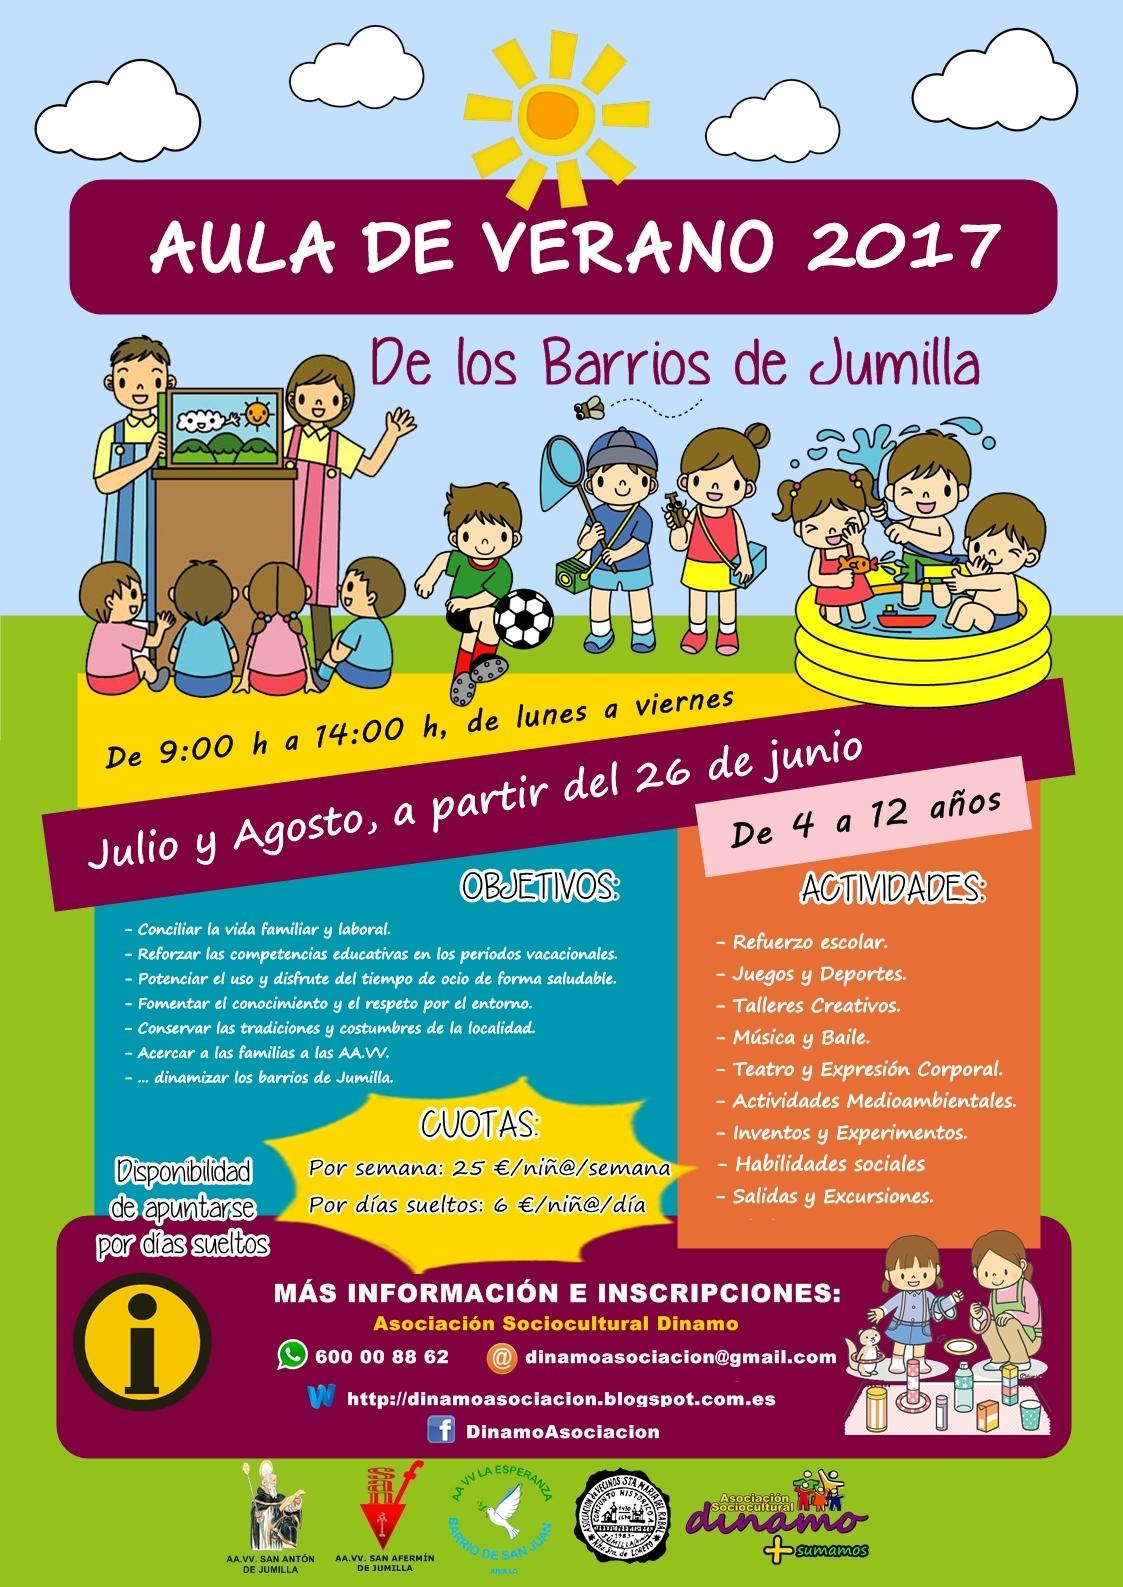 cartel_aula verano_barrios jumilla_2017 (1)